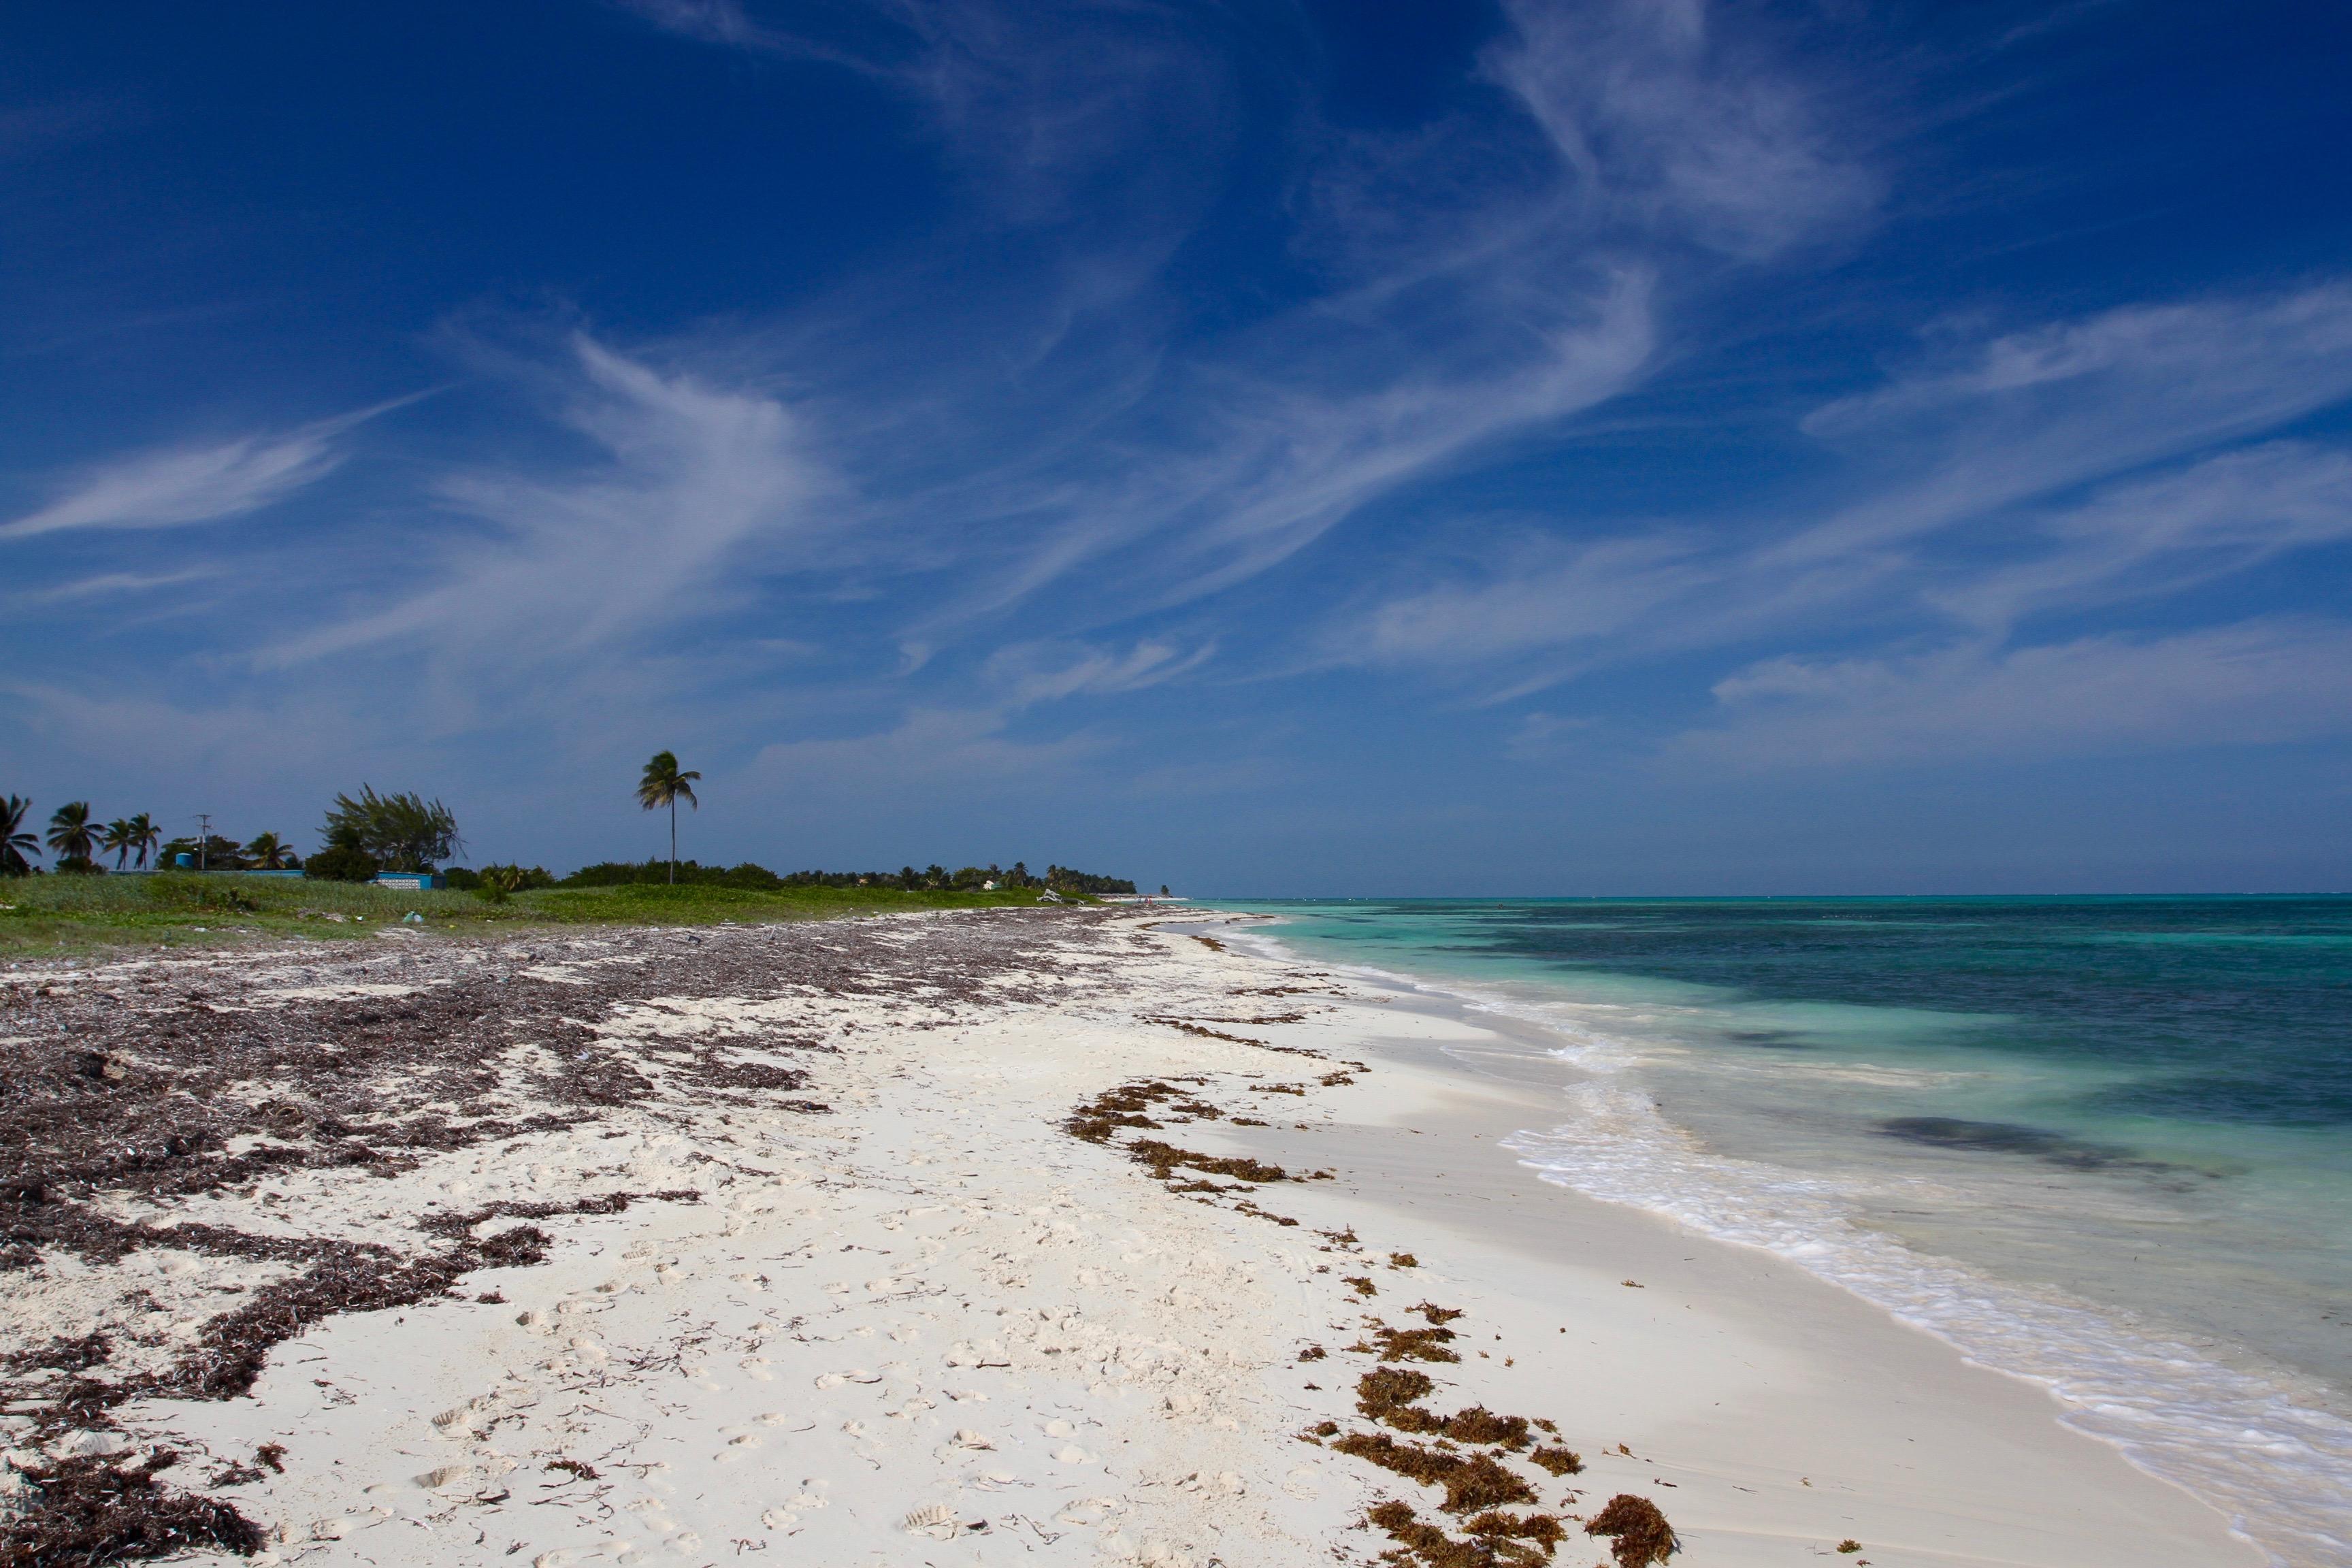 Hotels In Playa De Carmen